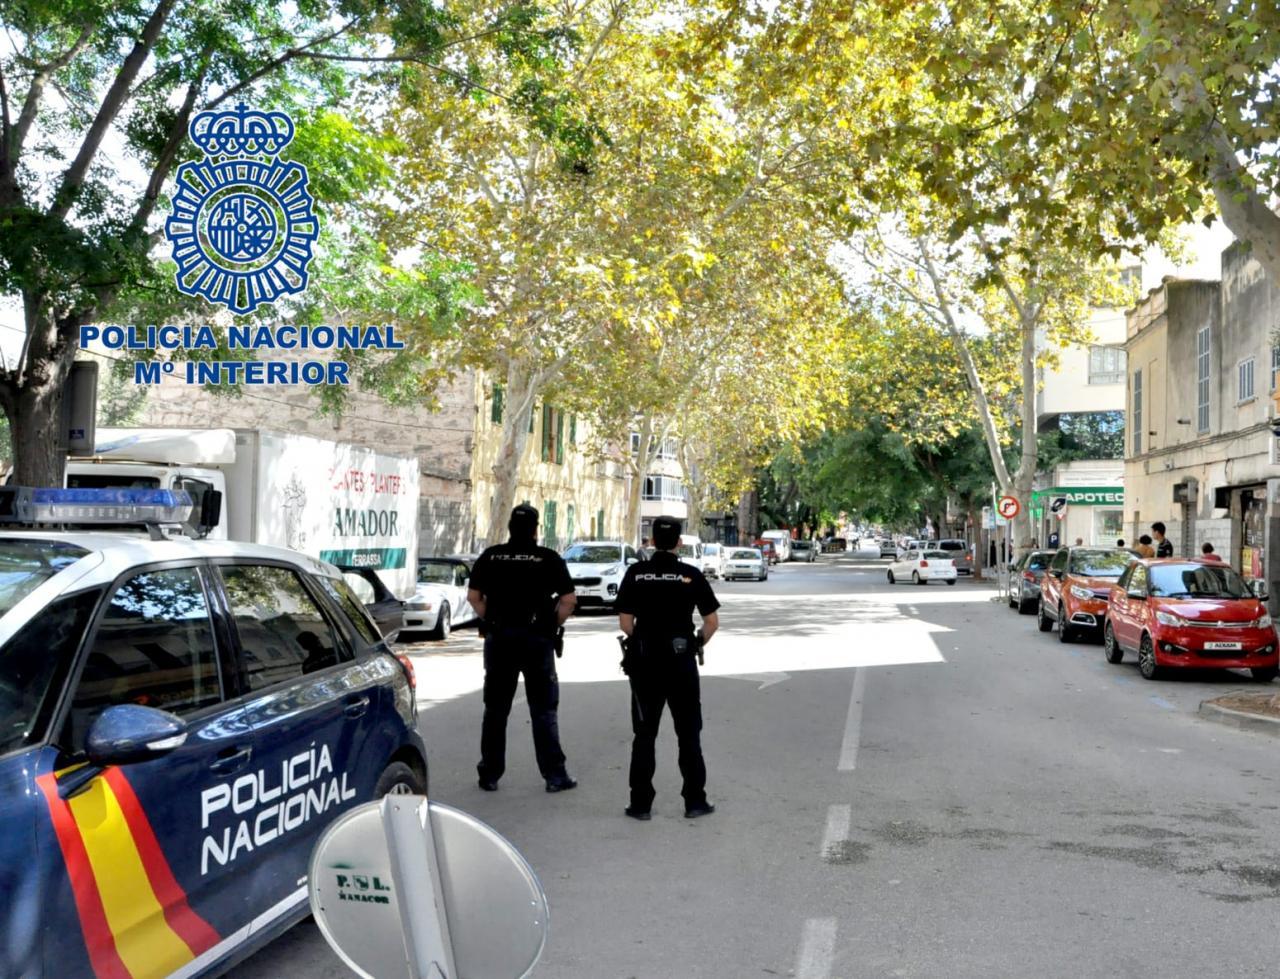 Policia Nacional auf Mallorca